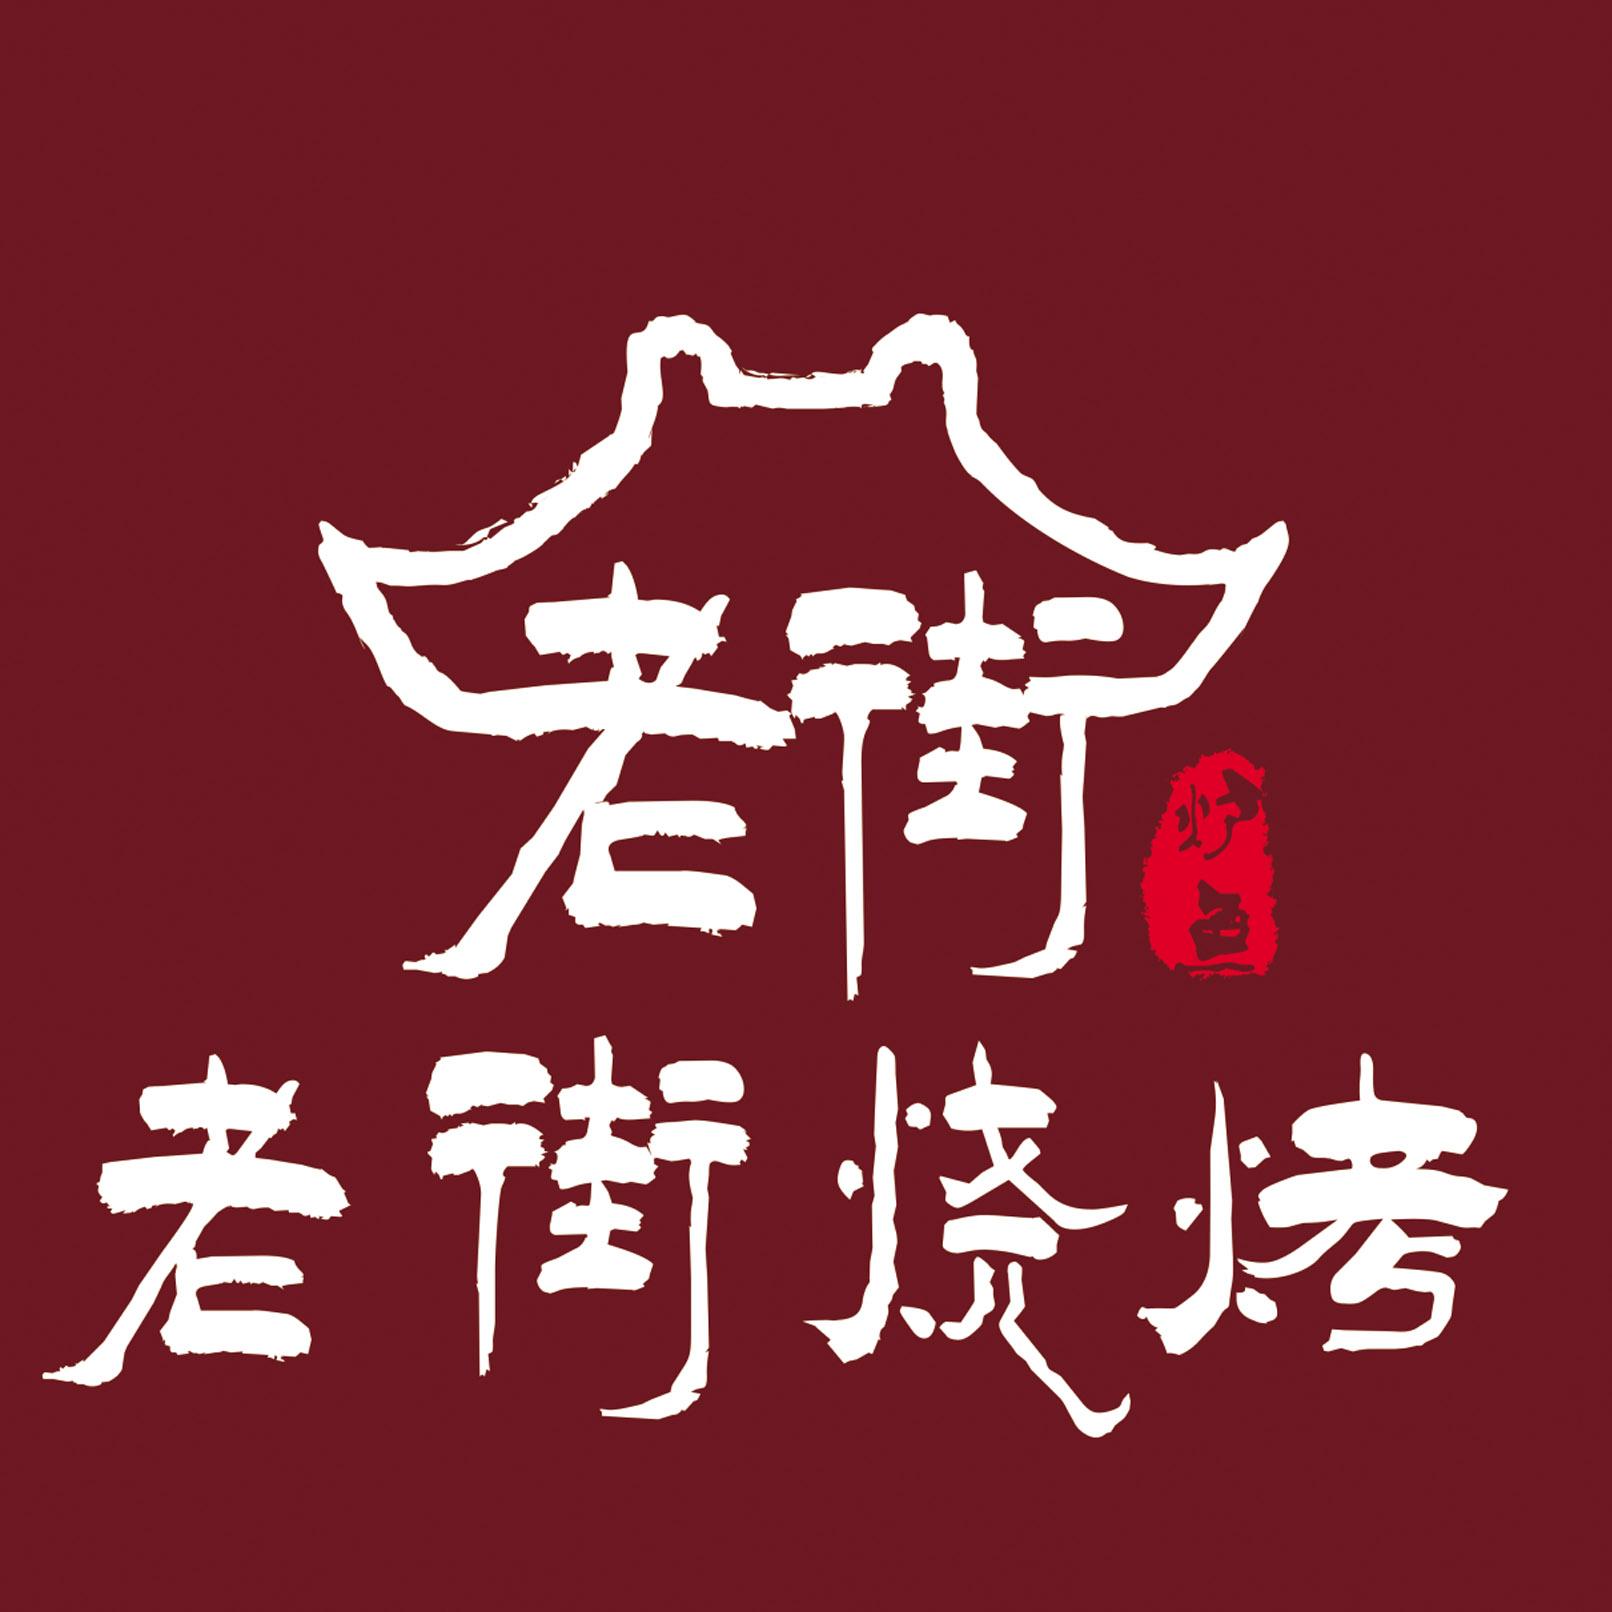 老街鲈鱼logo